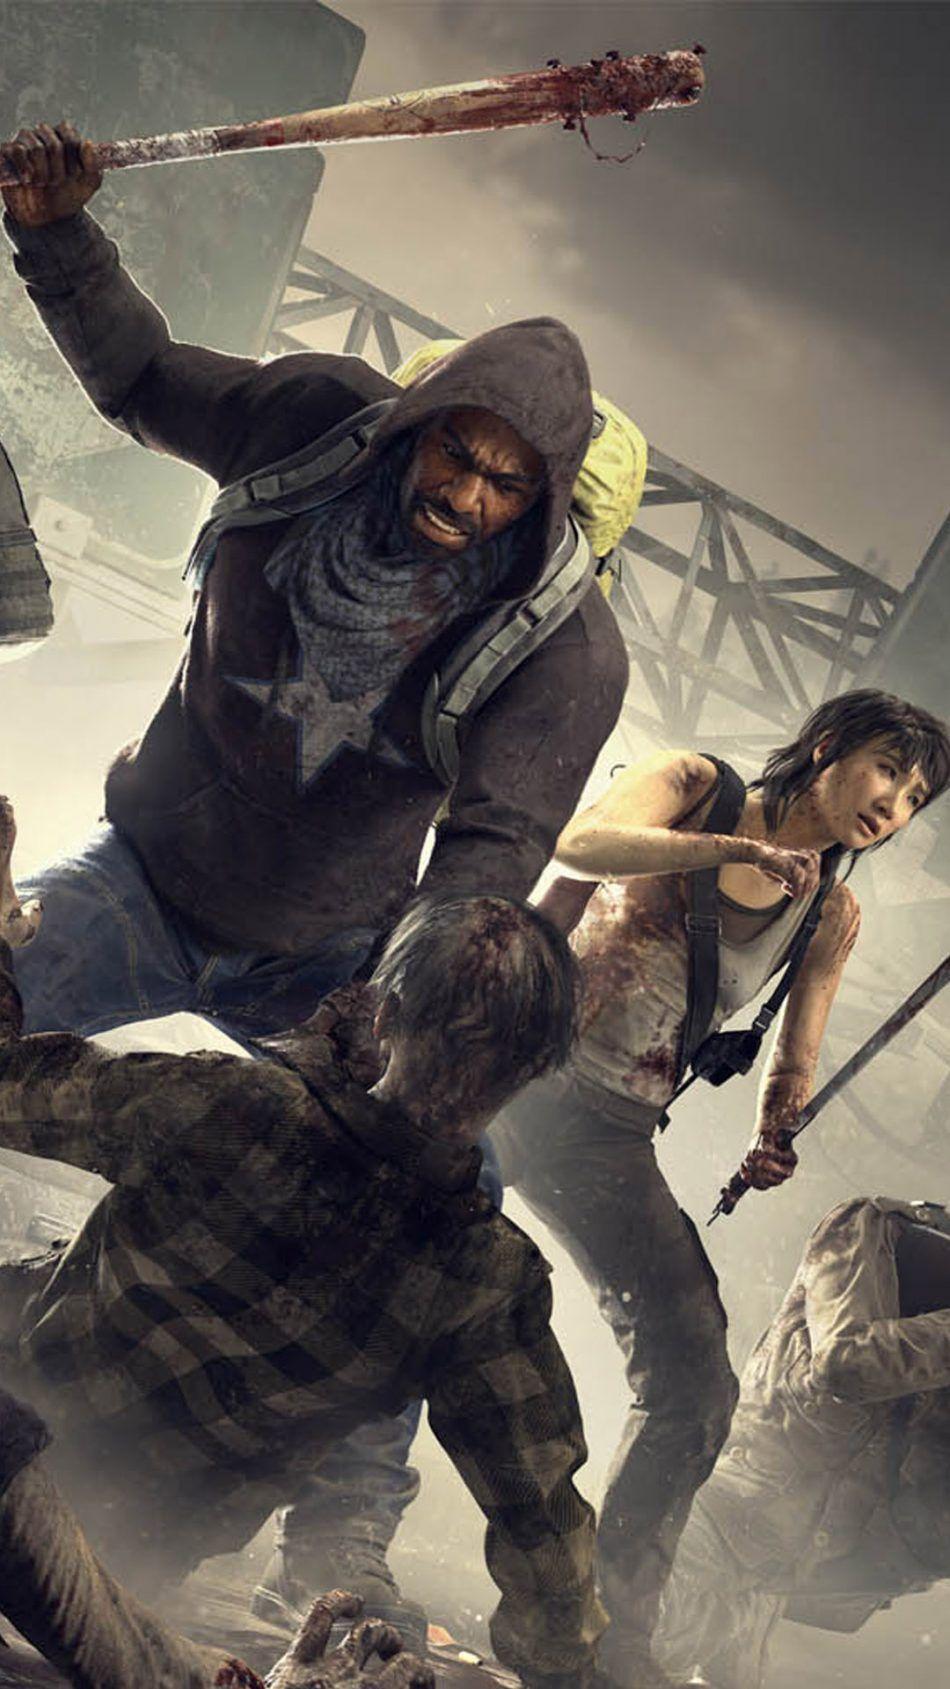 Overkill S The Walking Dead Free 4k Ultra Hd Mobile Wallpaper